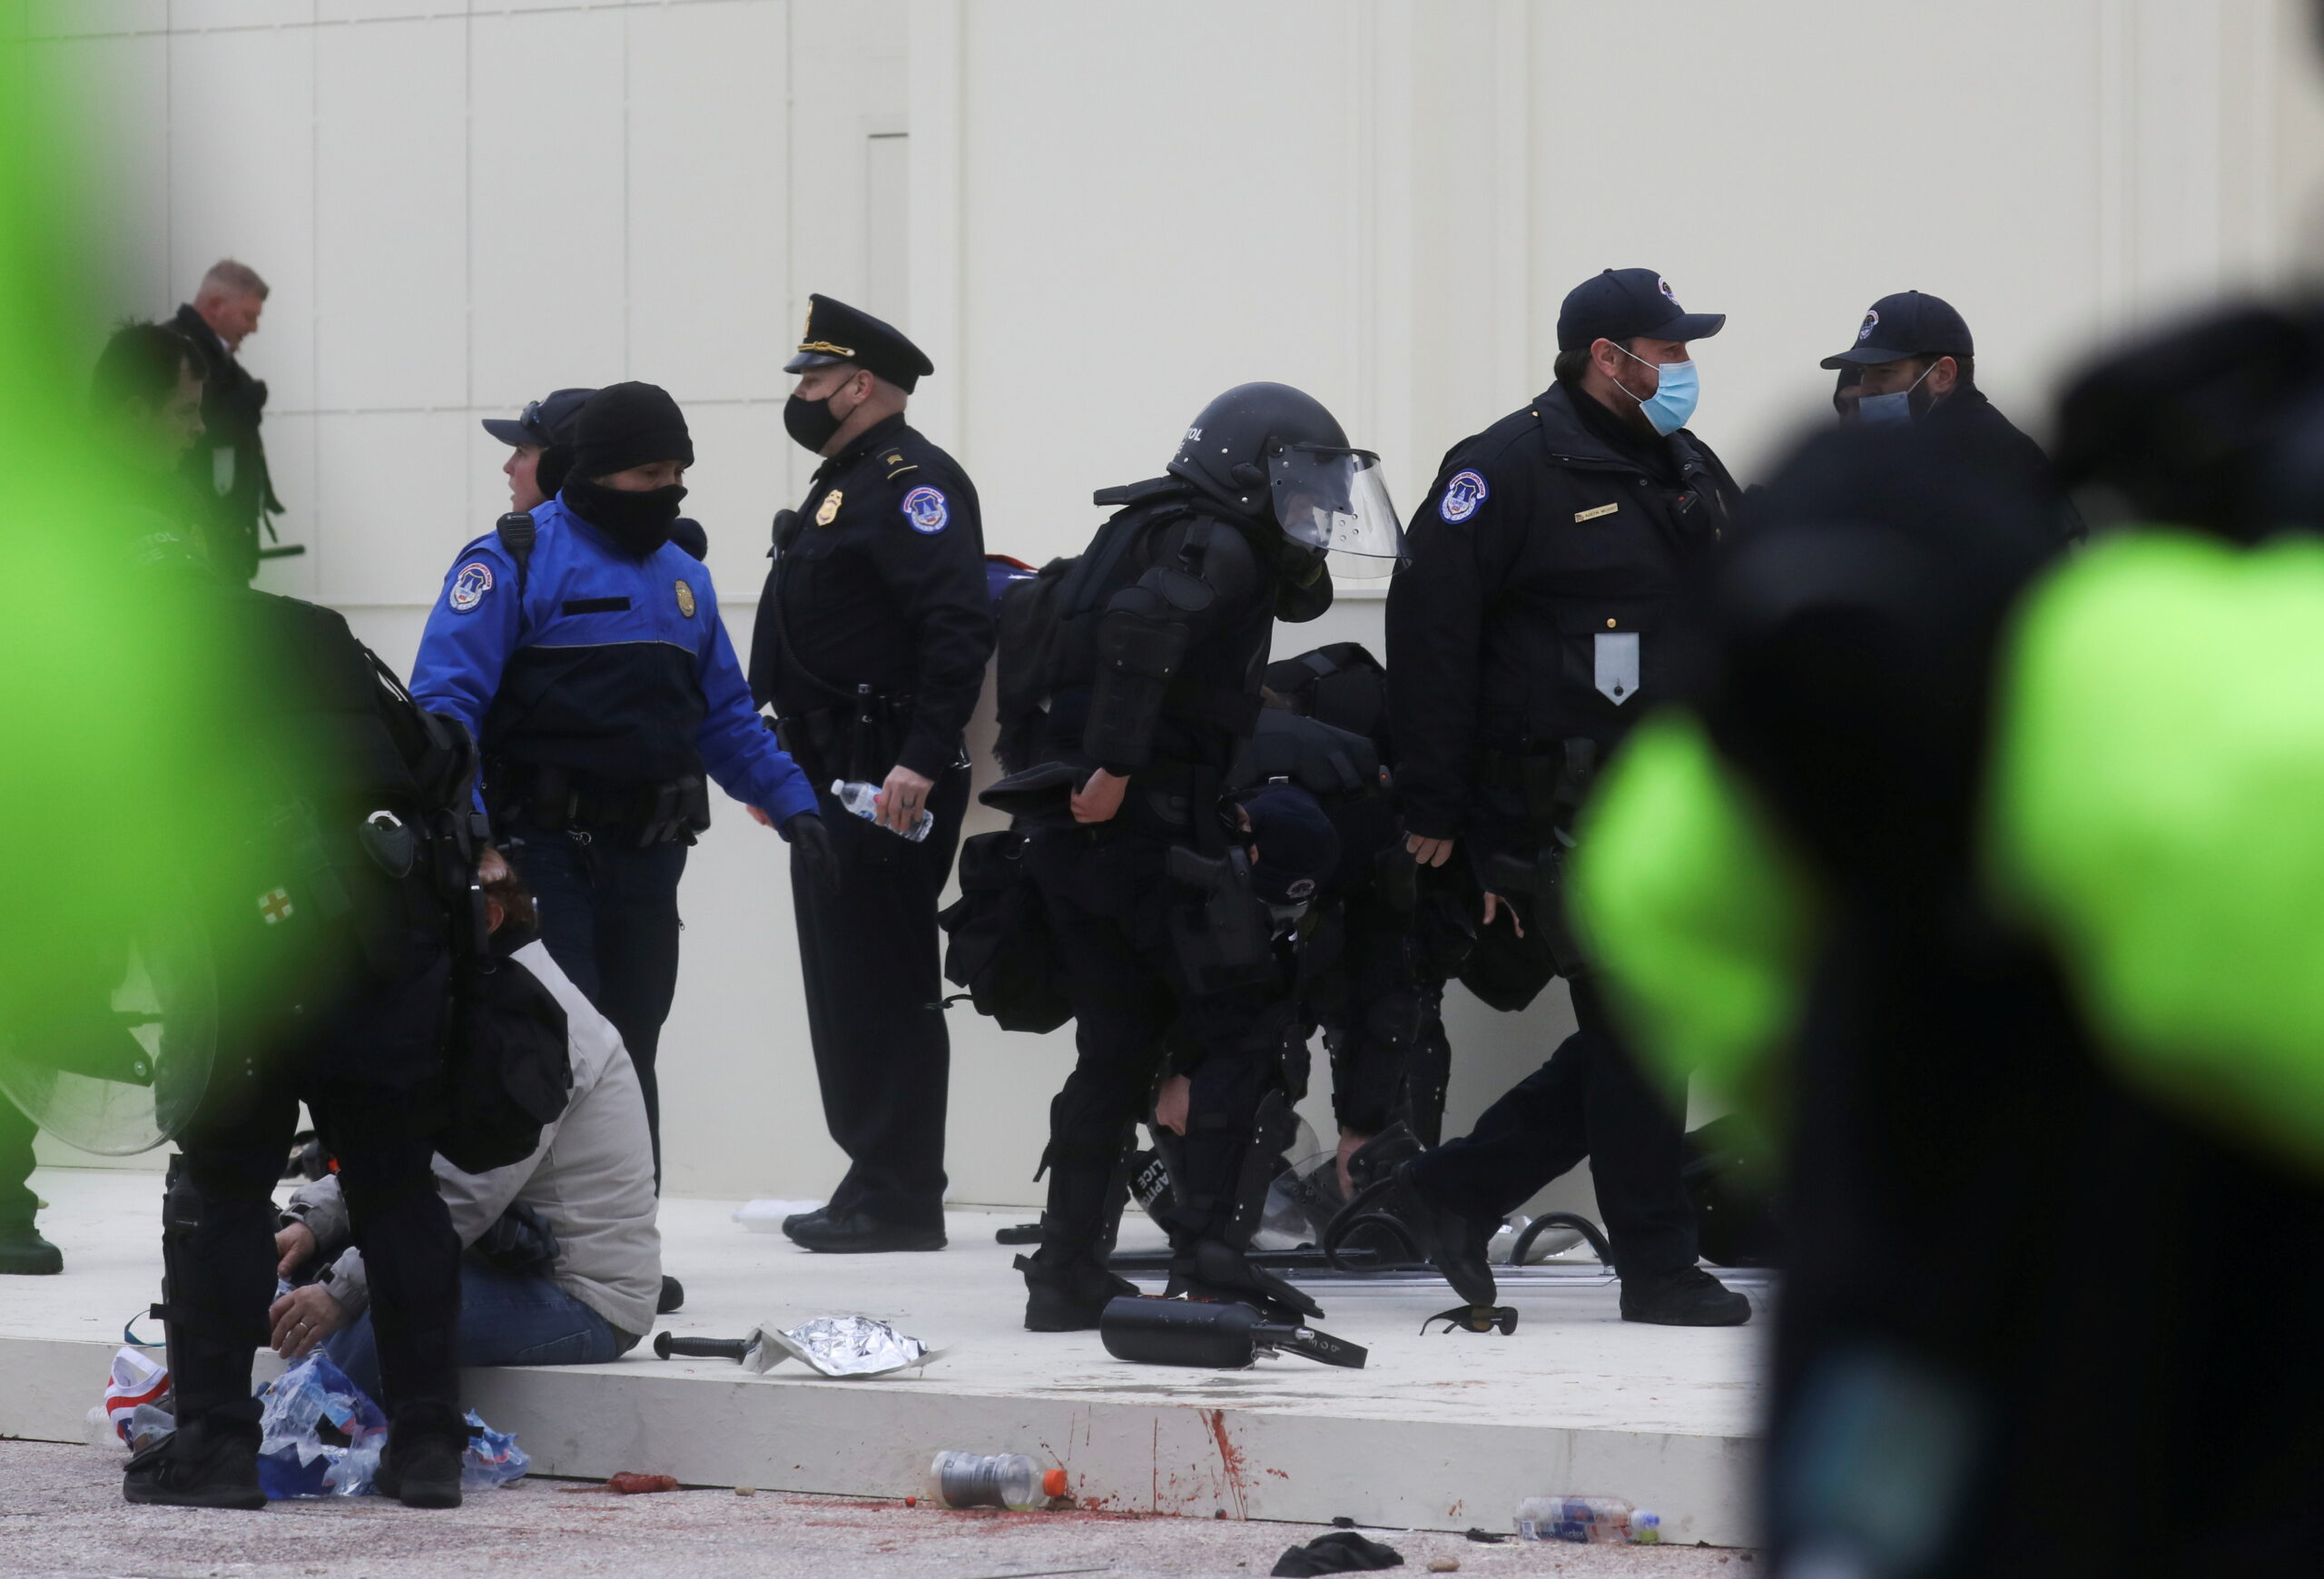 La policia identifica i reté alguns dels manifestants pro-Trump que han envoltat el Capitoli dels Estats Units | Reuters